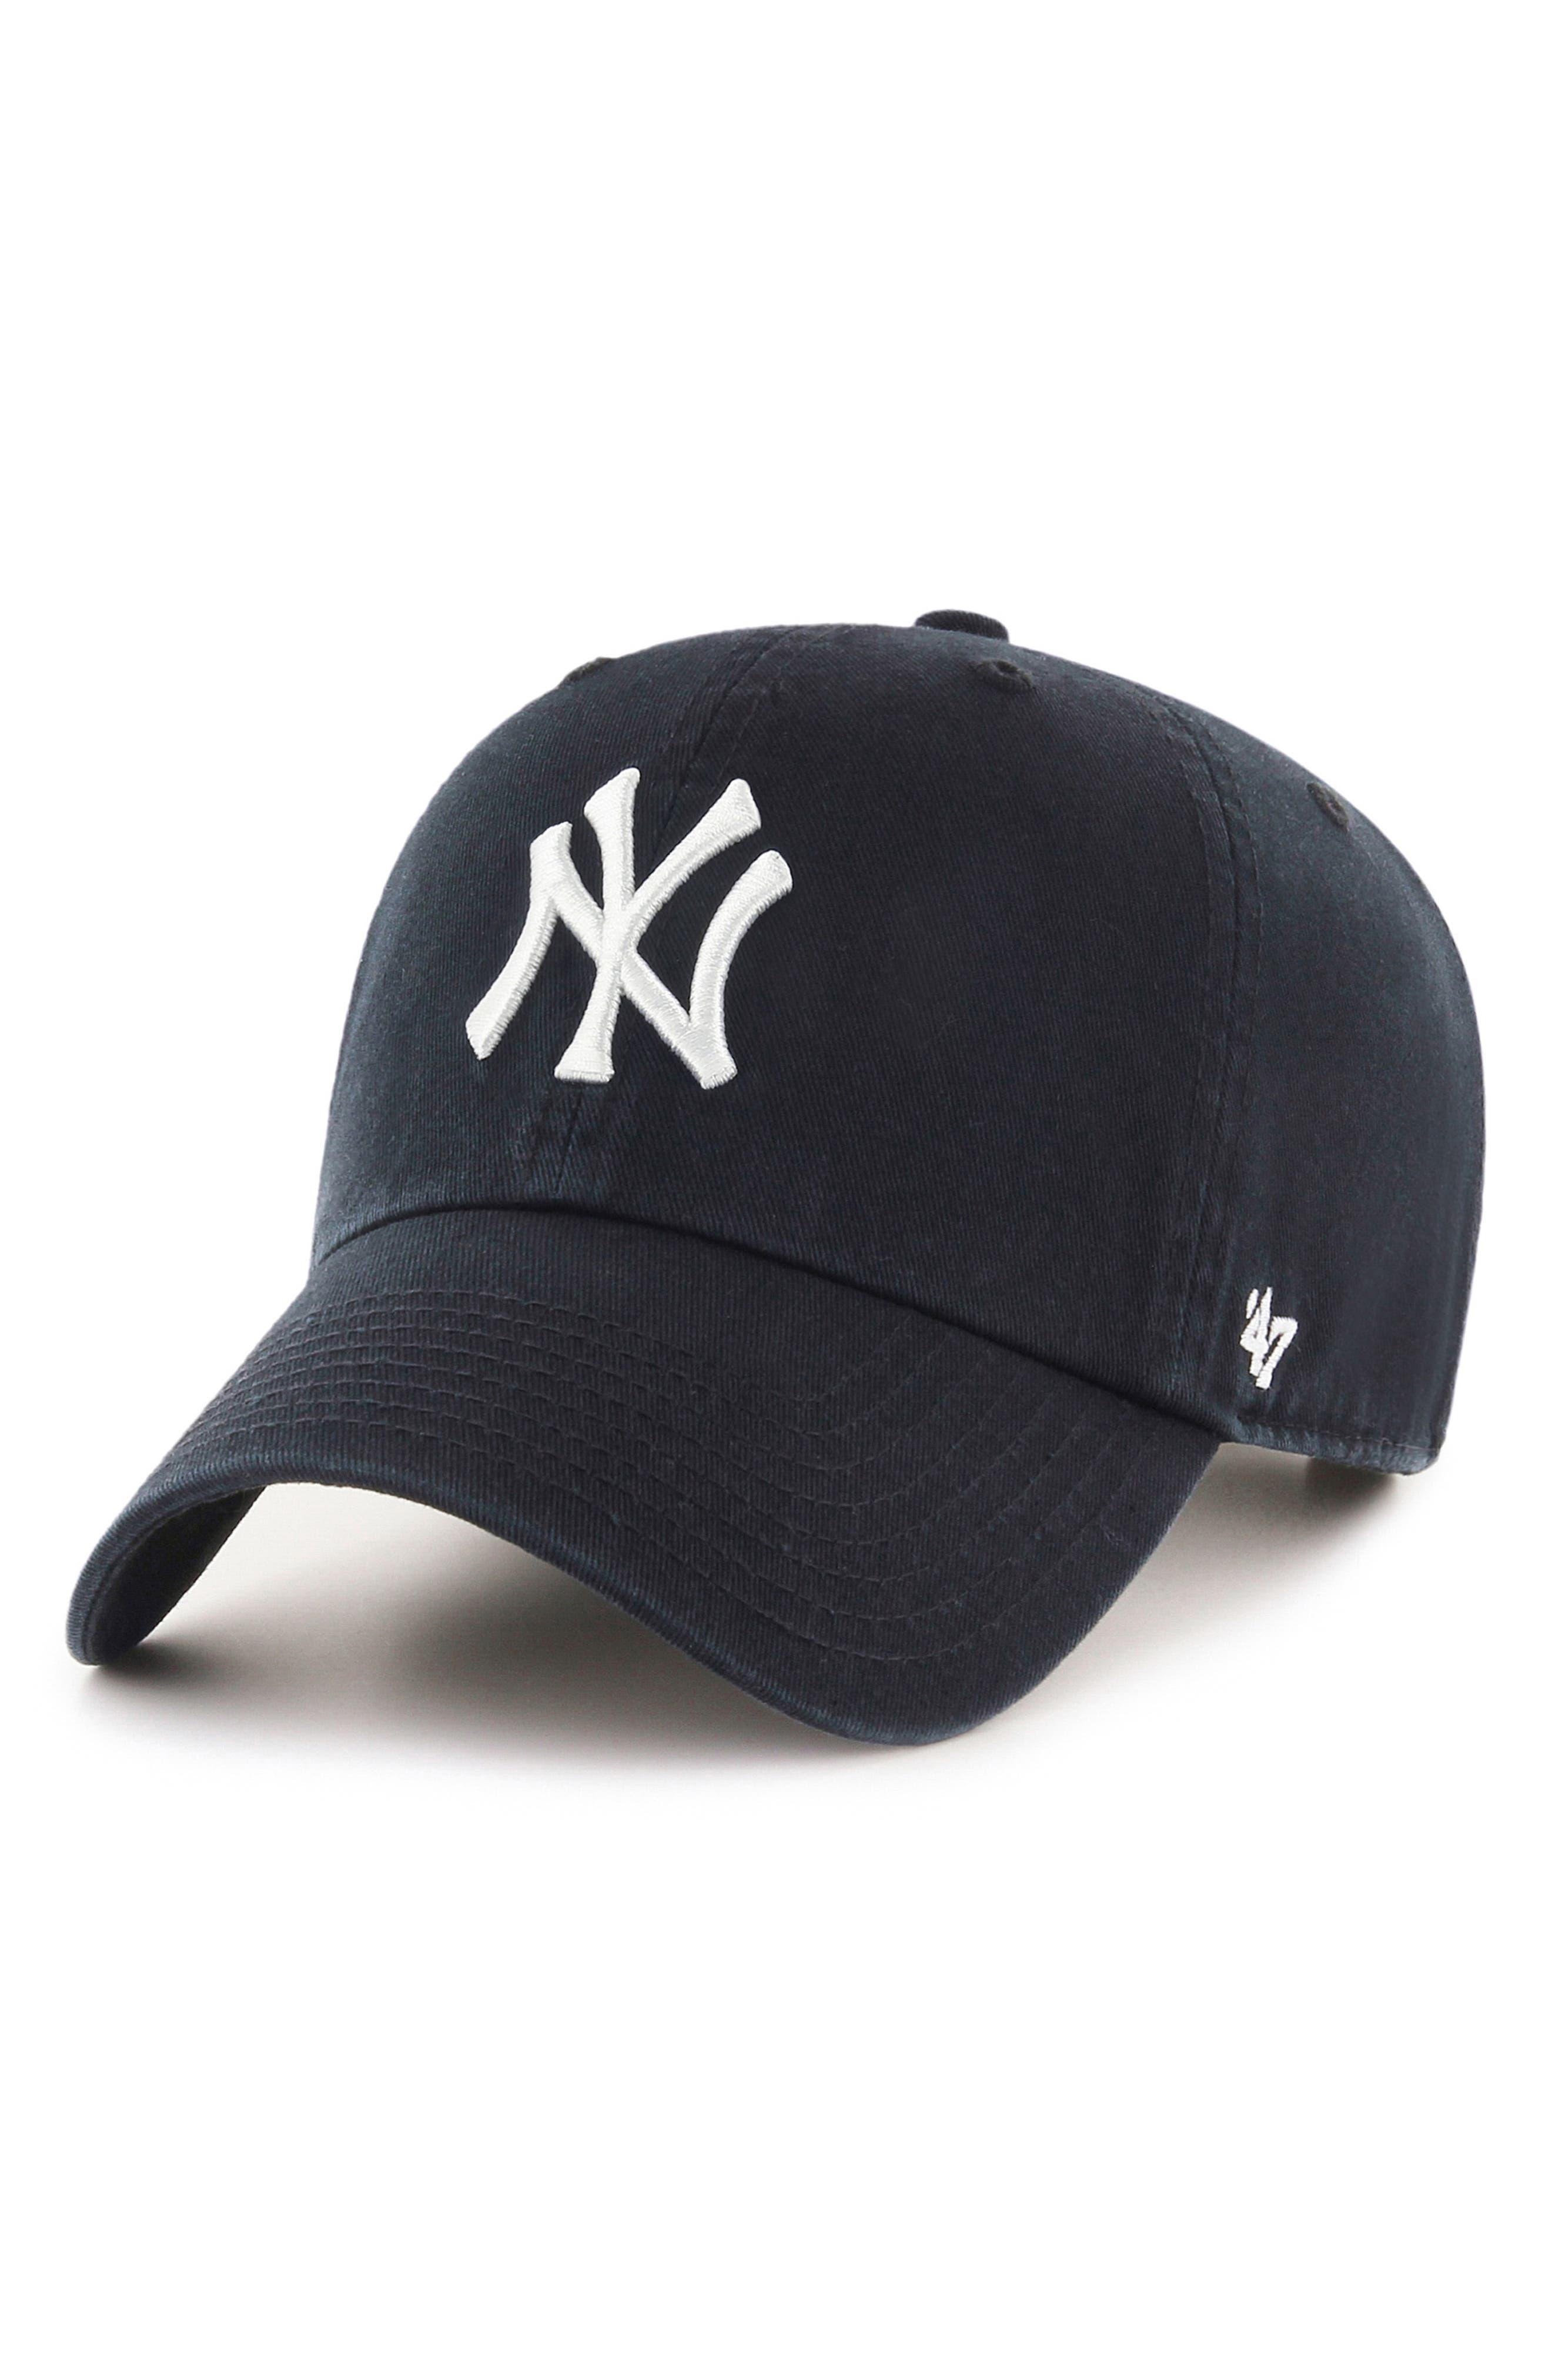 edff8ca0a4ffd Men s  47 Hats